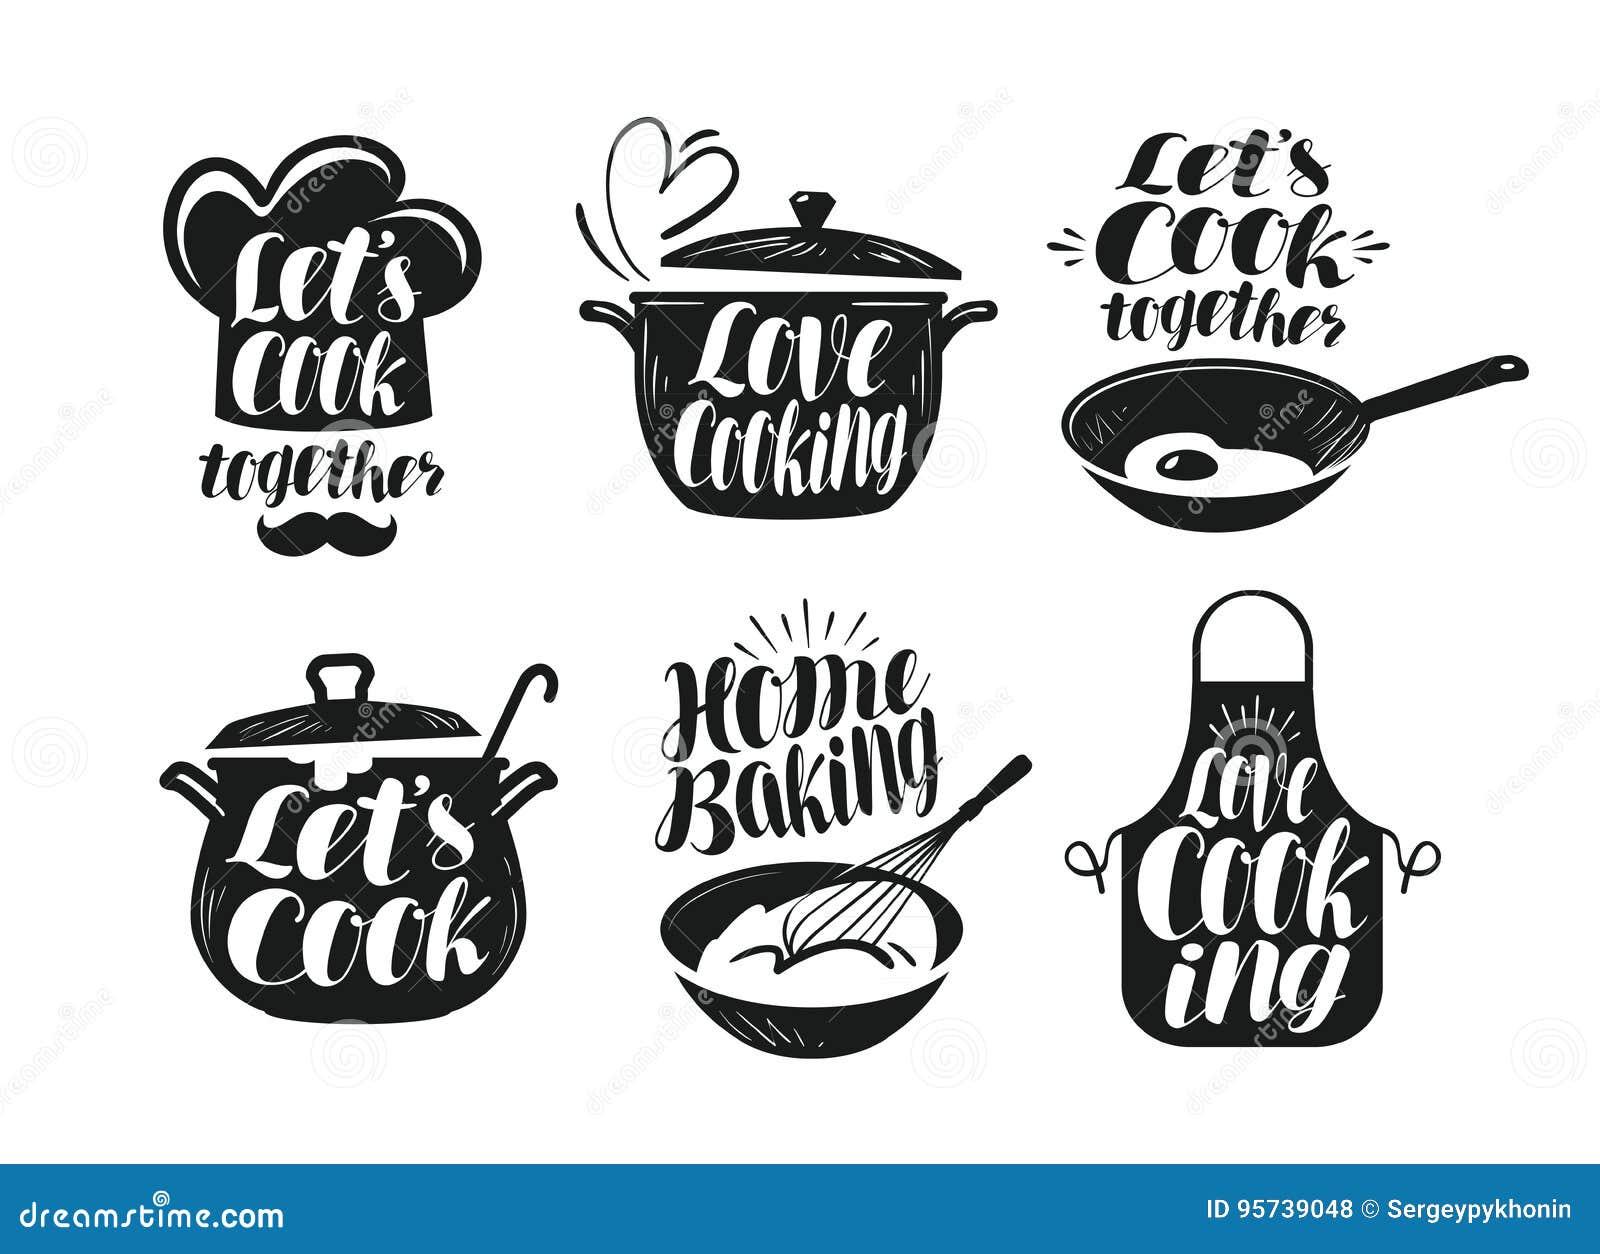 Cocinando cocina sistema de etiqueta de la cocina for Utensilios de cocina logo